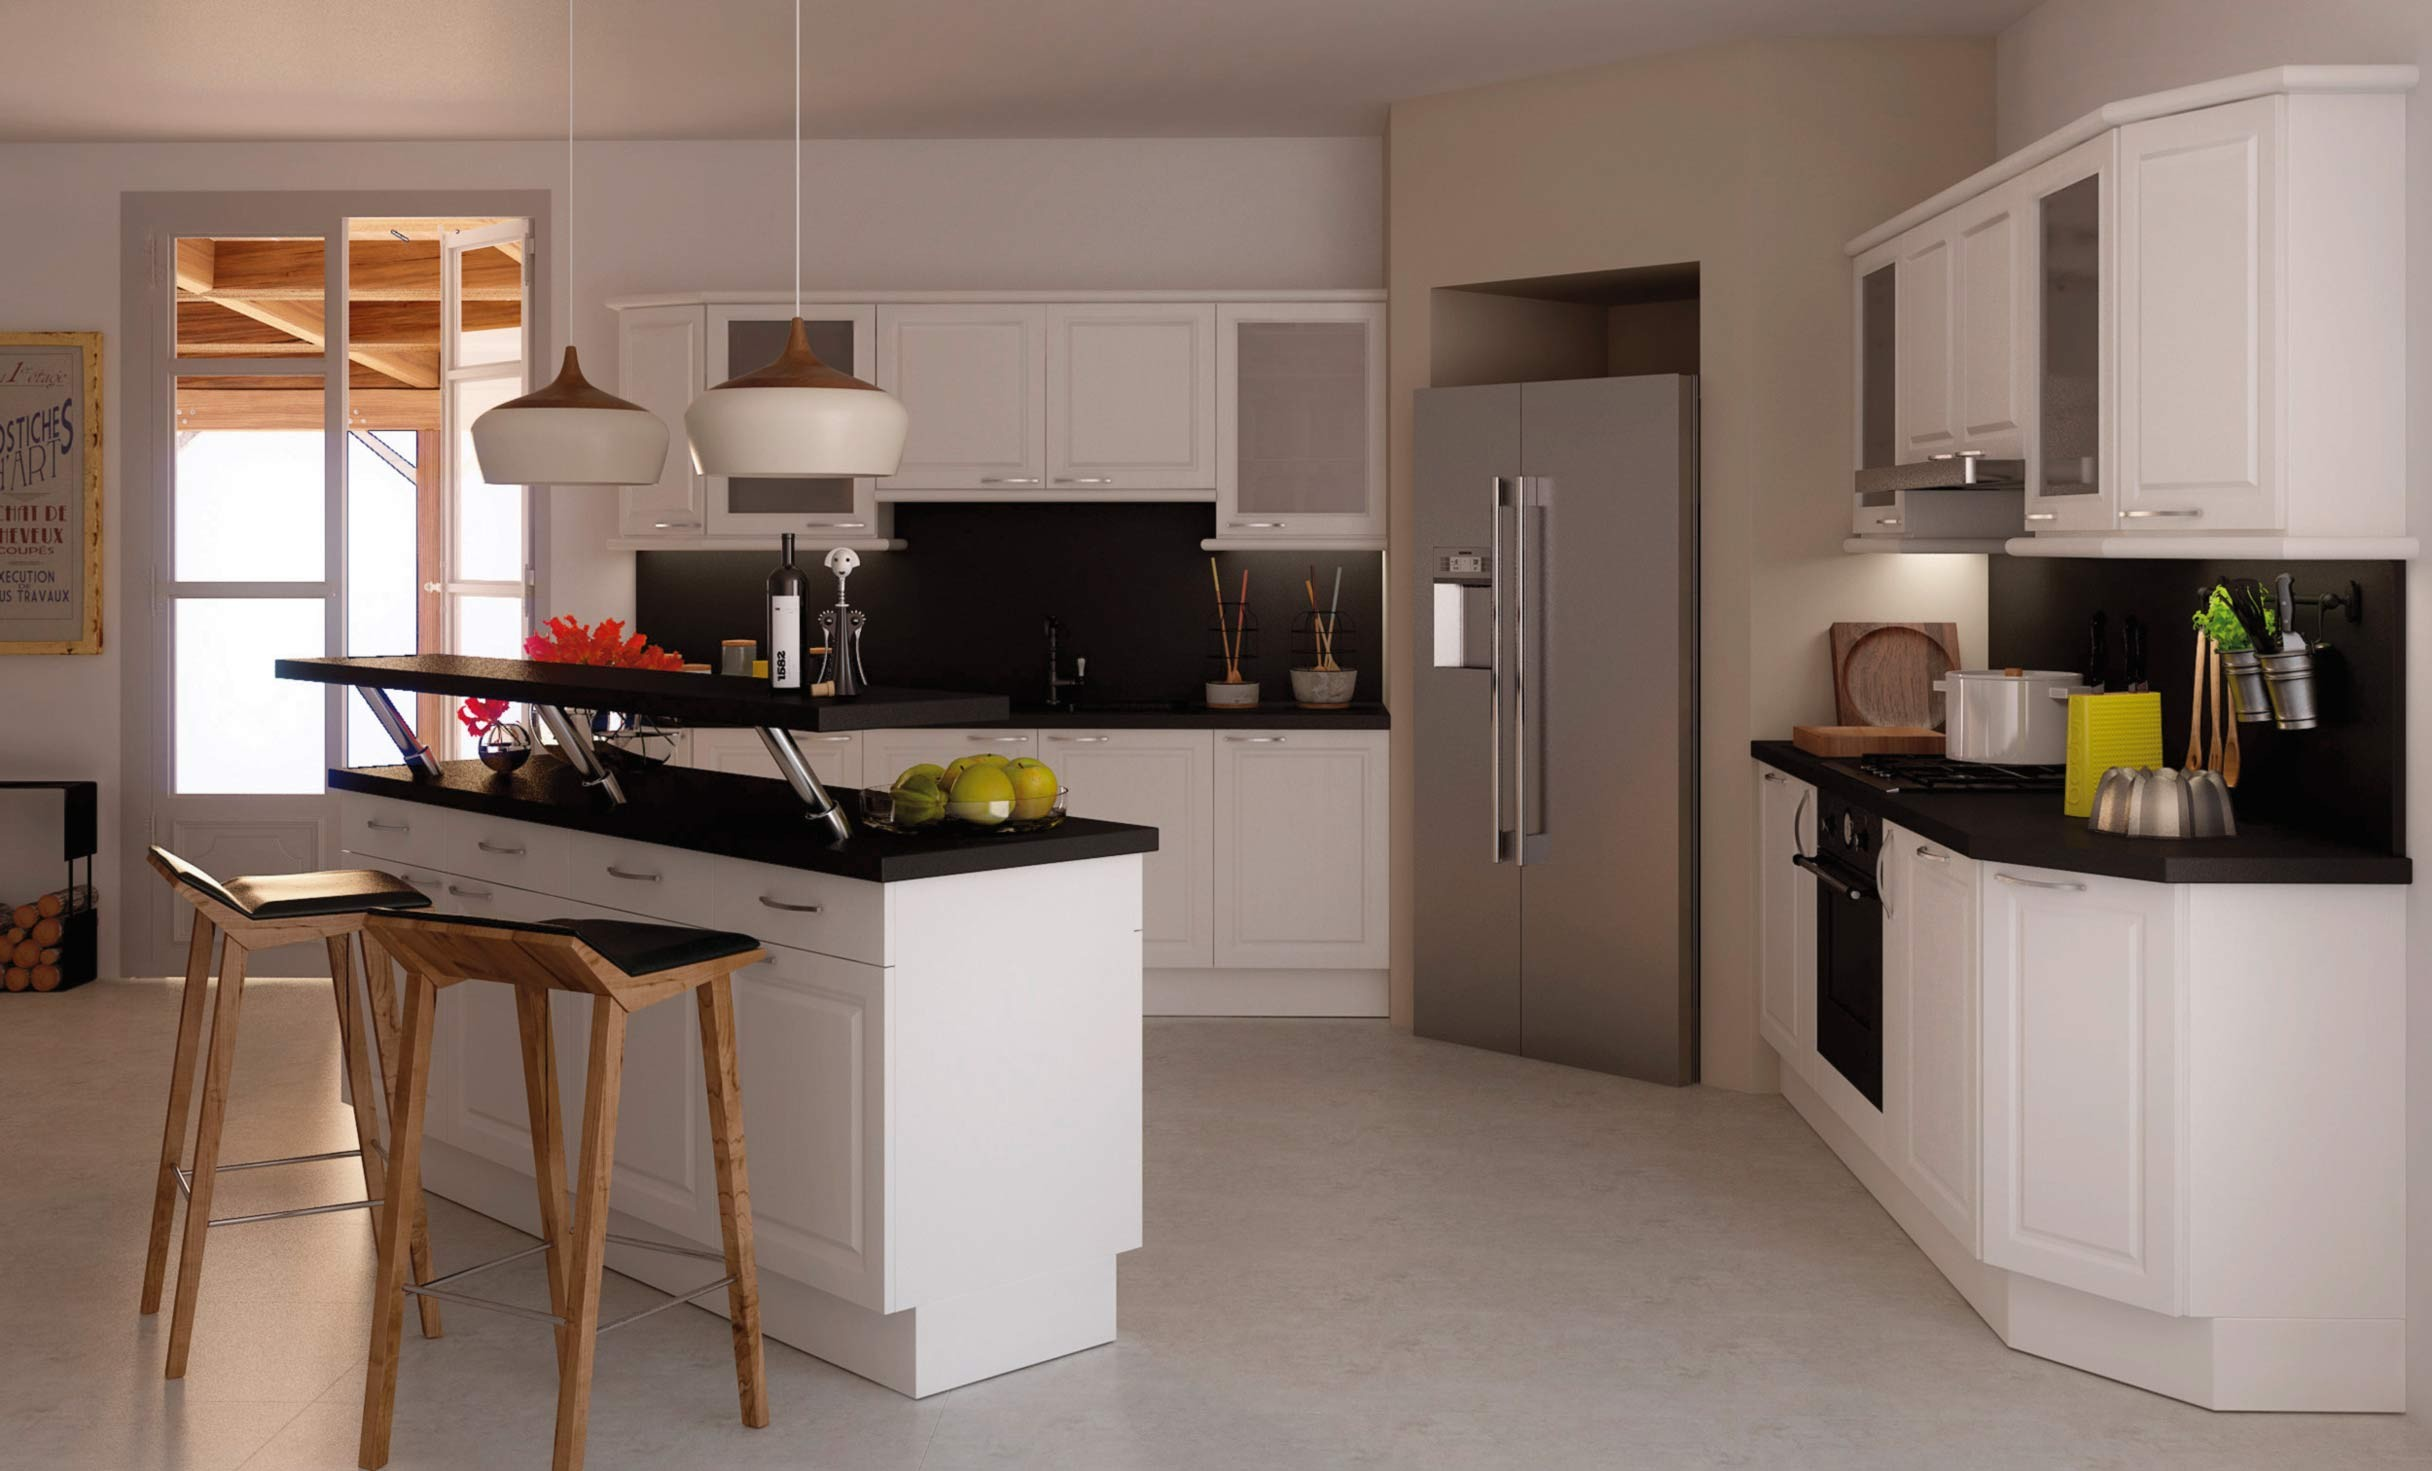 Дизайн кухни с барной стойкой монохромной